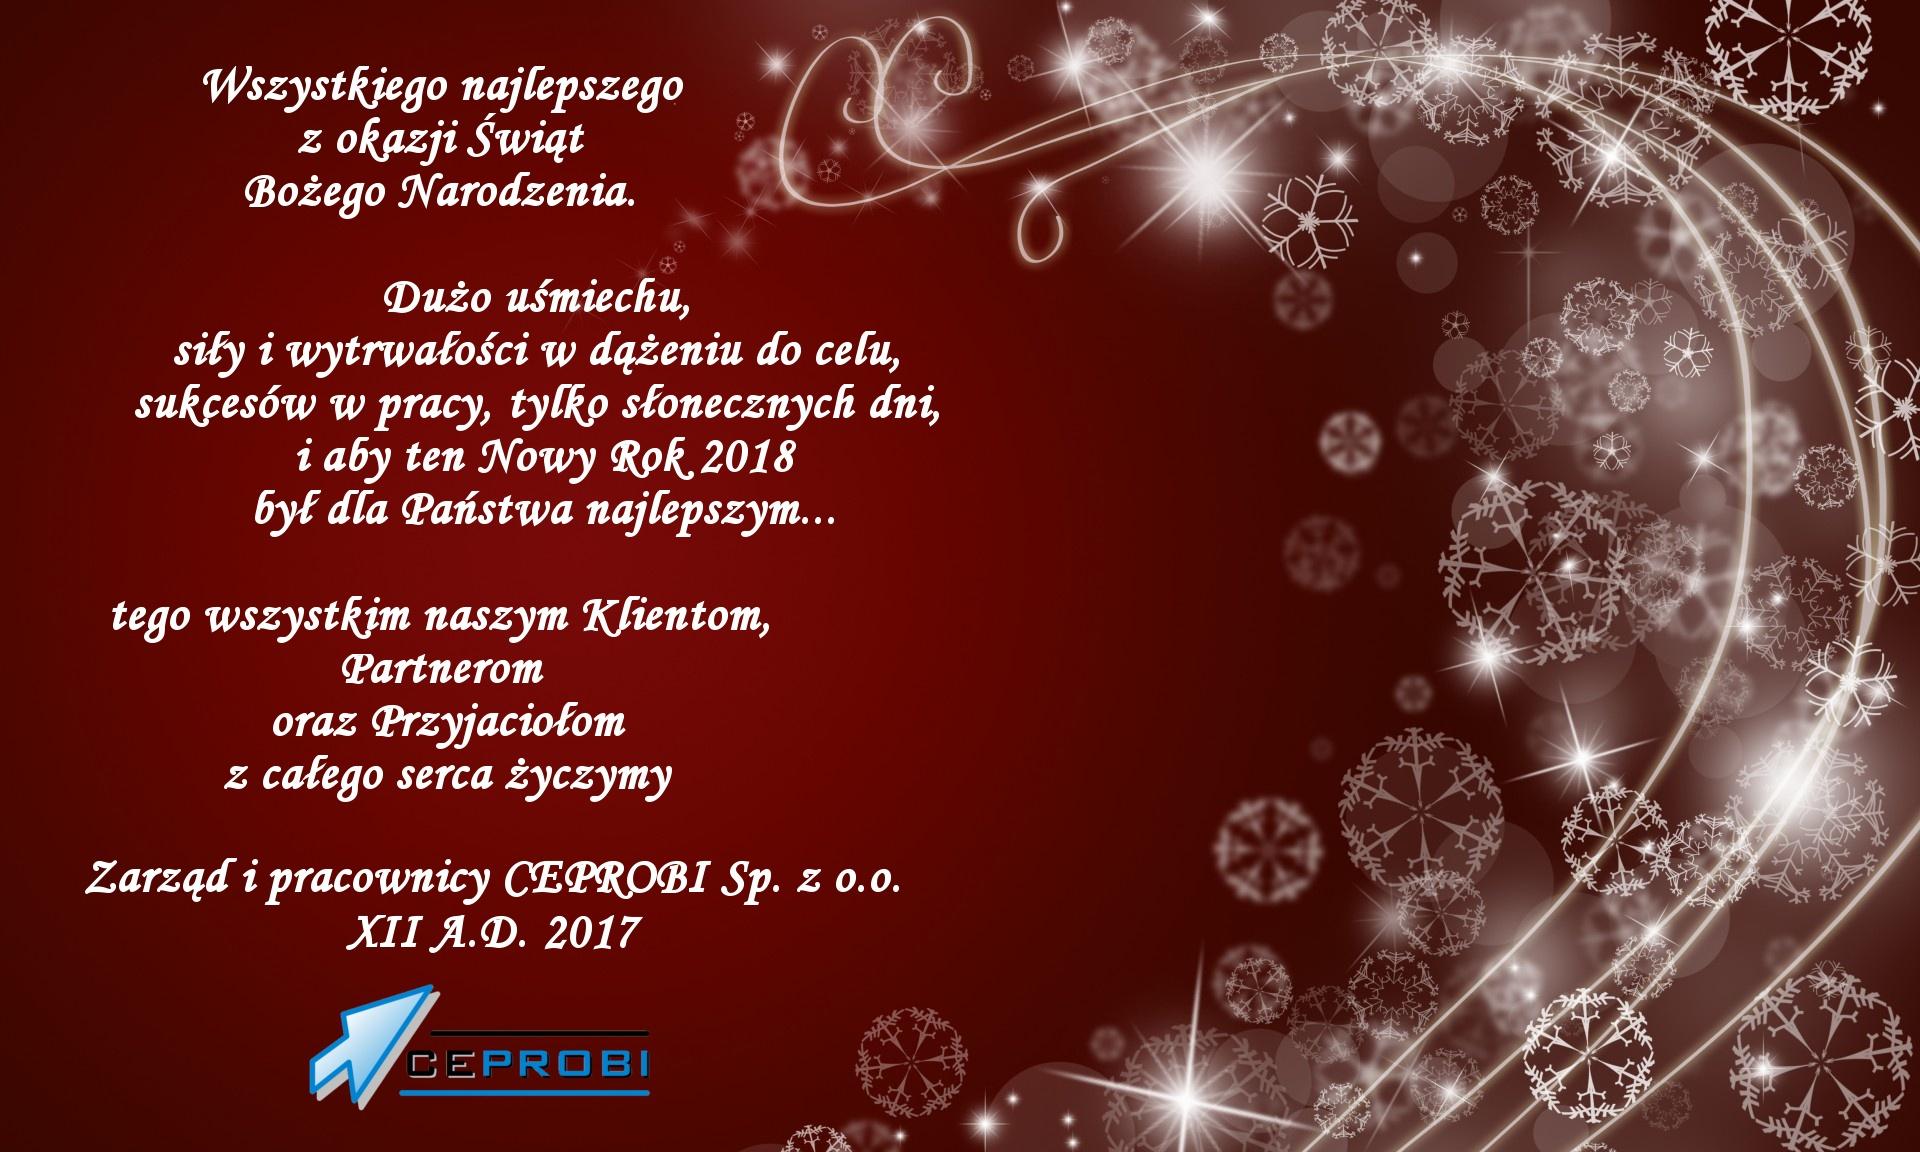 Wszystkiego najlepszego z okazji Świąt Bożego Narodzenia. Dużo uśmiechu,siły i wytrwałości w dążeniu do celu, sukcesów w pracy, tylko słonecznych dni, i aby ten Nowy Rok 2018 był dla Państwa najlepszym... tego wszystkim naszym Klientom, Partnerom oraz Przyjaciołom z całego serca życzymy. Zarząd i pracownicy Ceprobi Sp. z o.o.